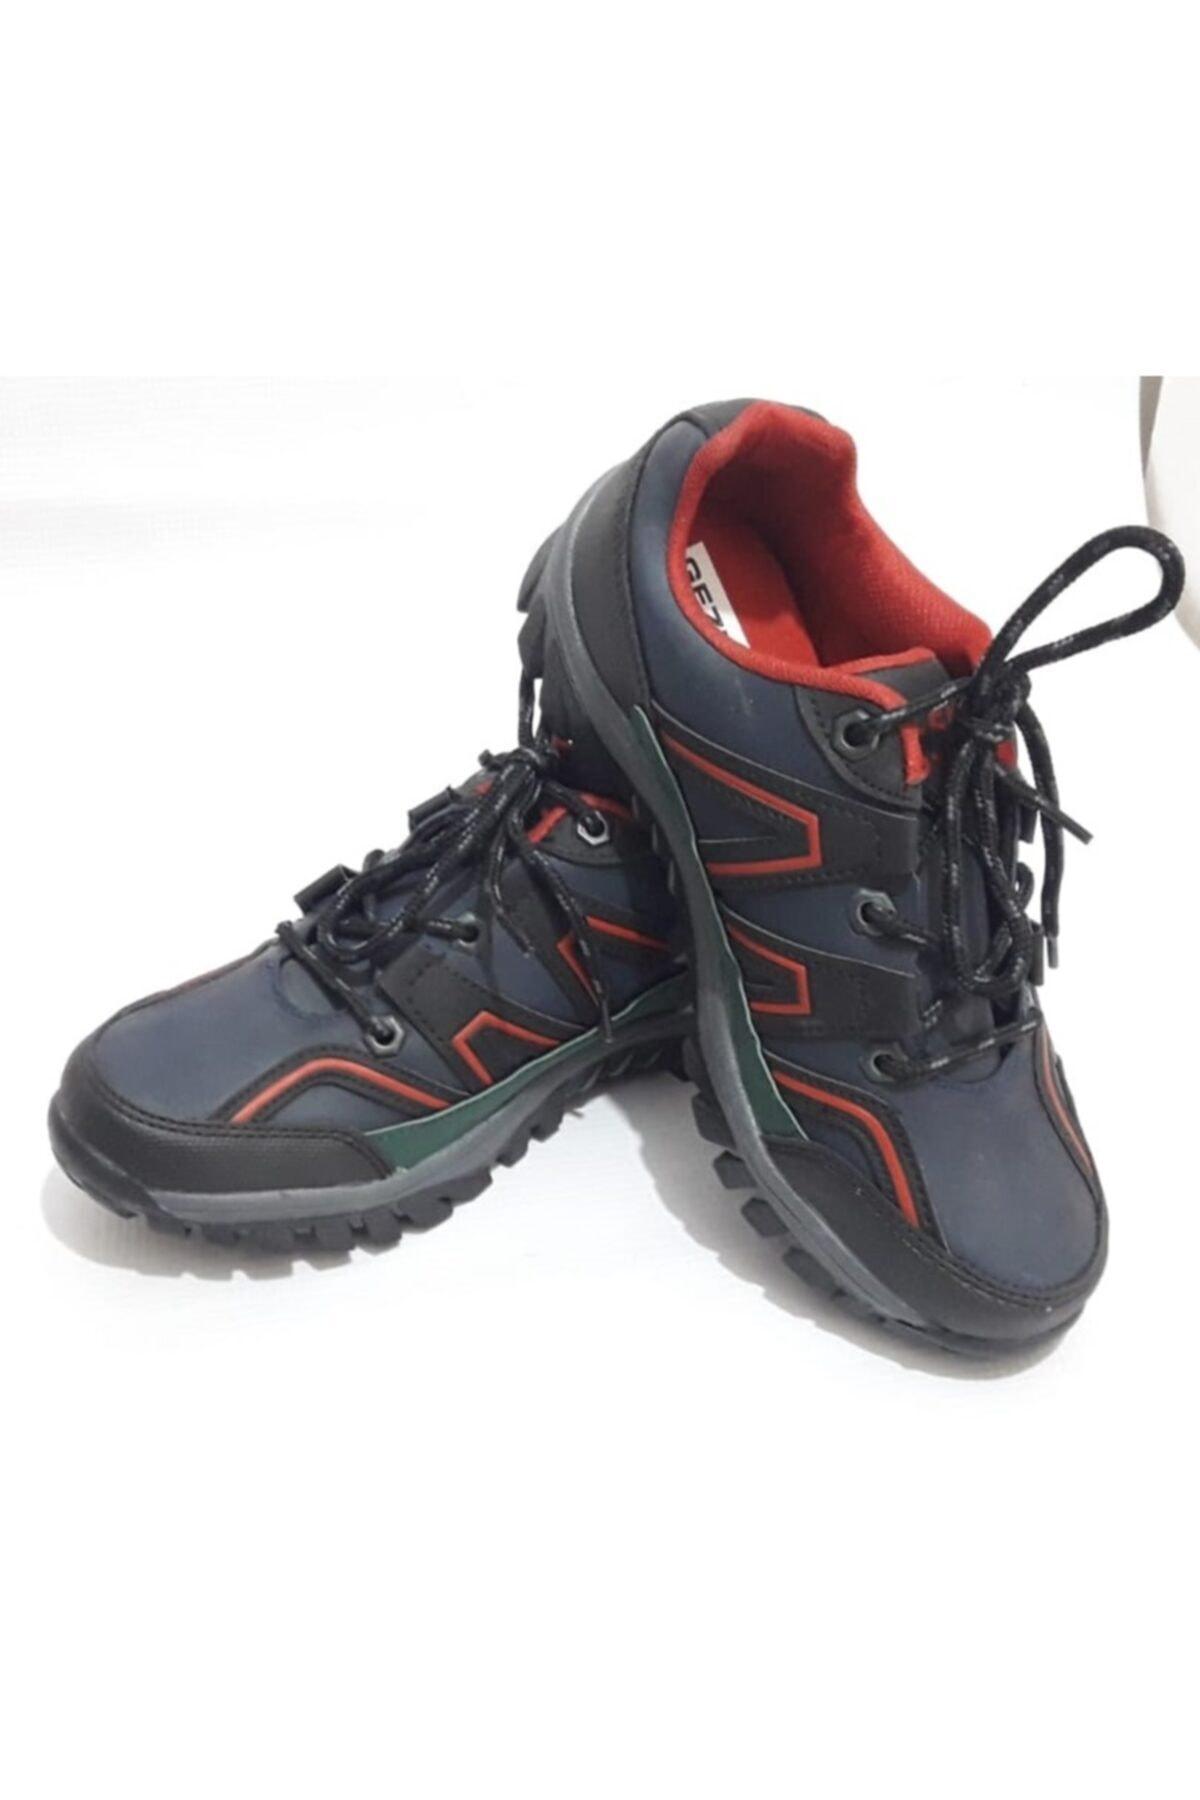 Unisex Lacivert Kırmızı Çizgili Kışlık Kaydırmaz Ayakkabı Bot